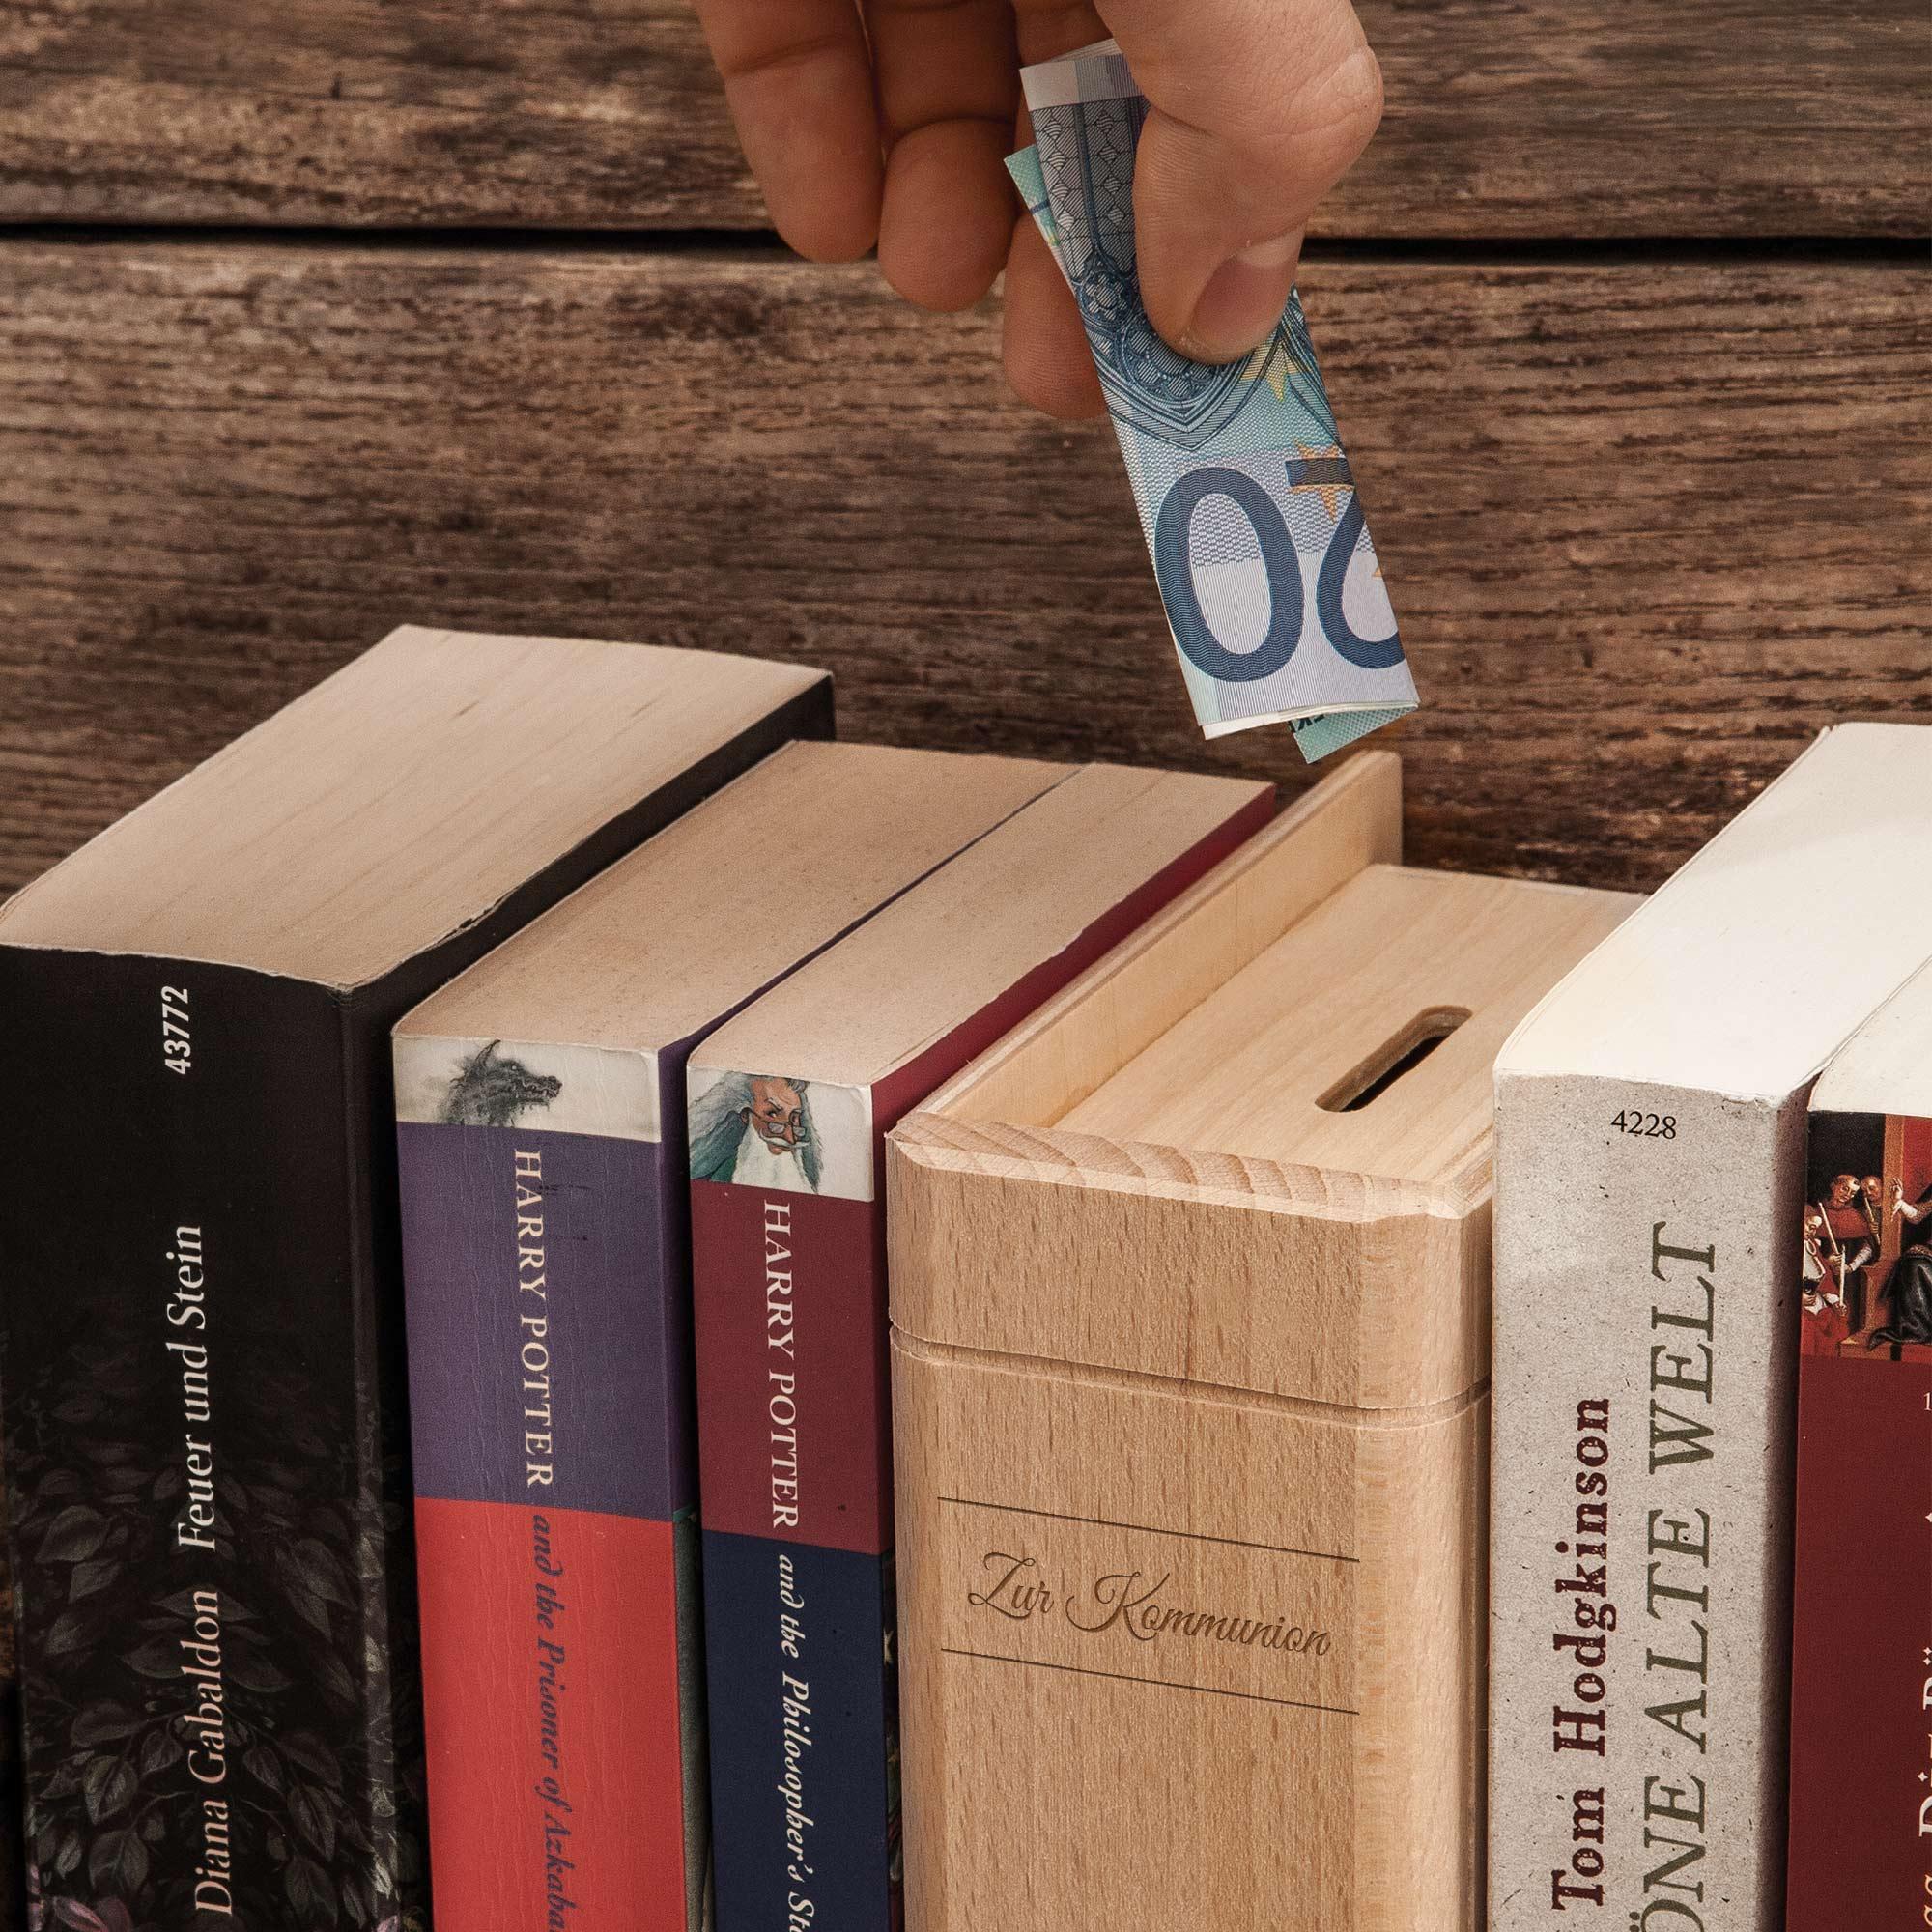 Spardose Buch aus Holz mit Gravur zur Kommunion - Personalisiert